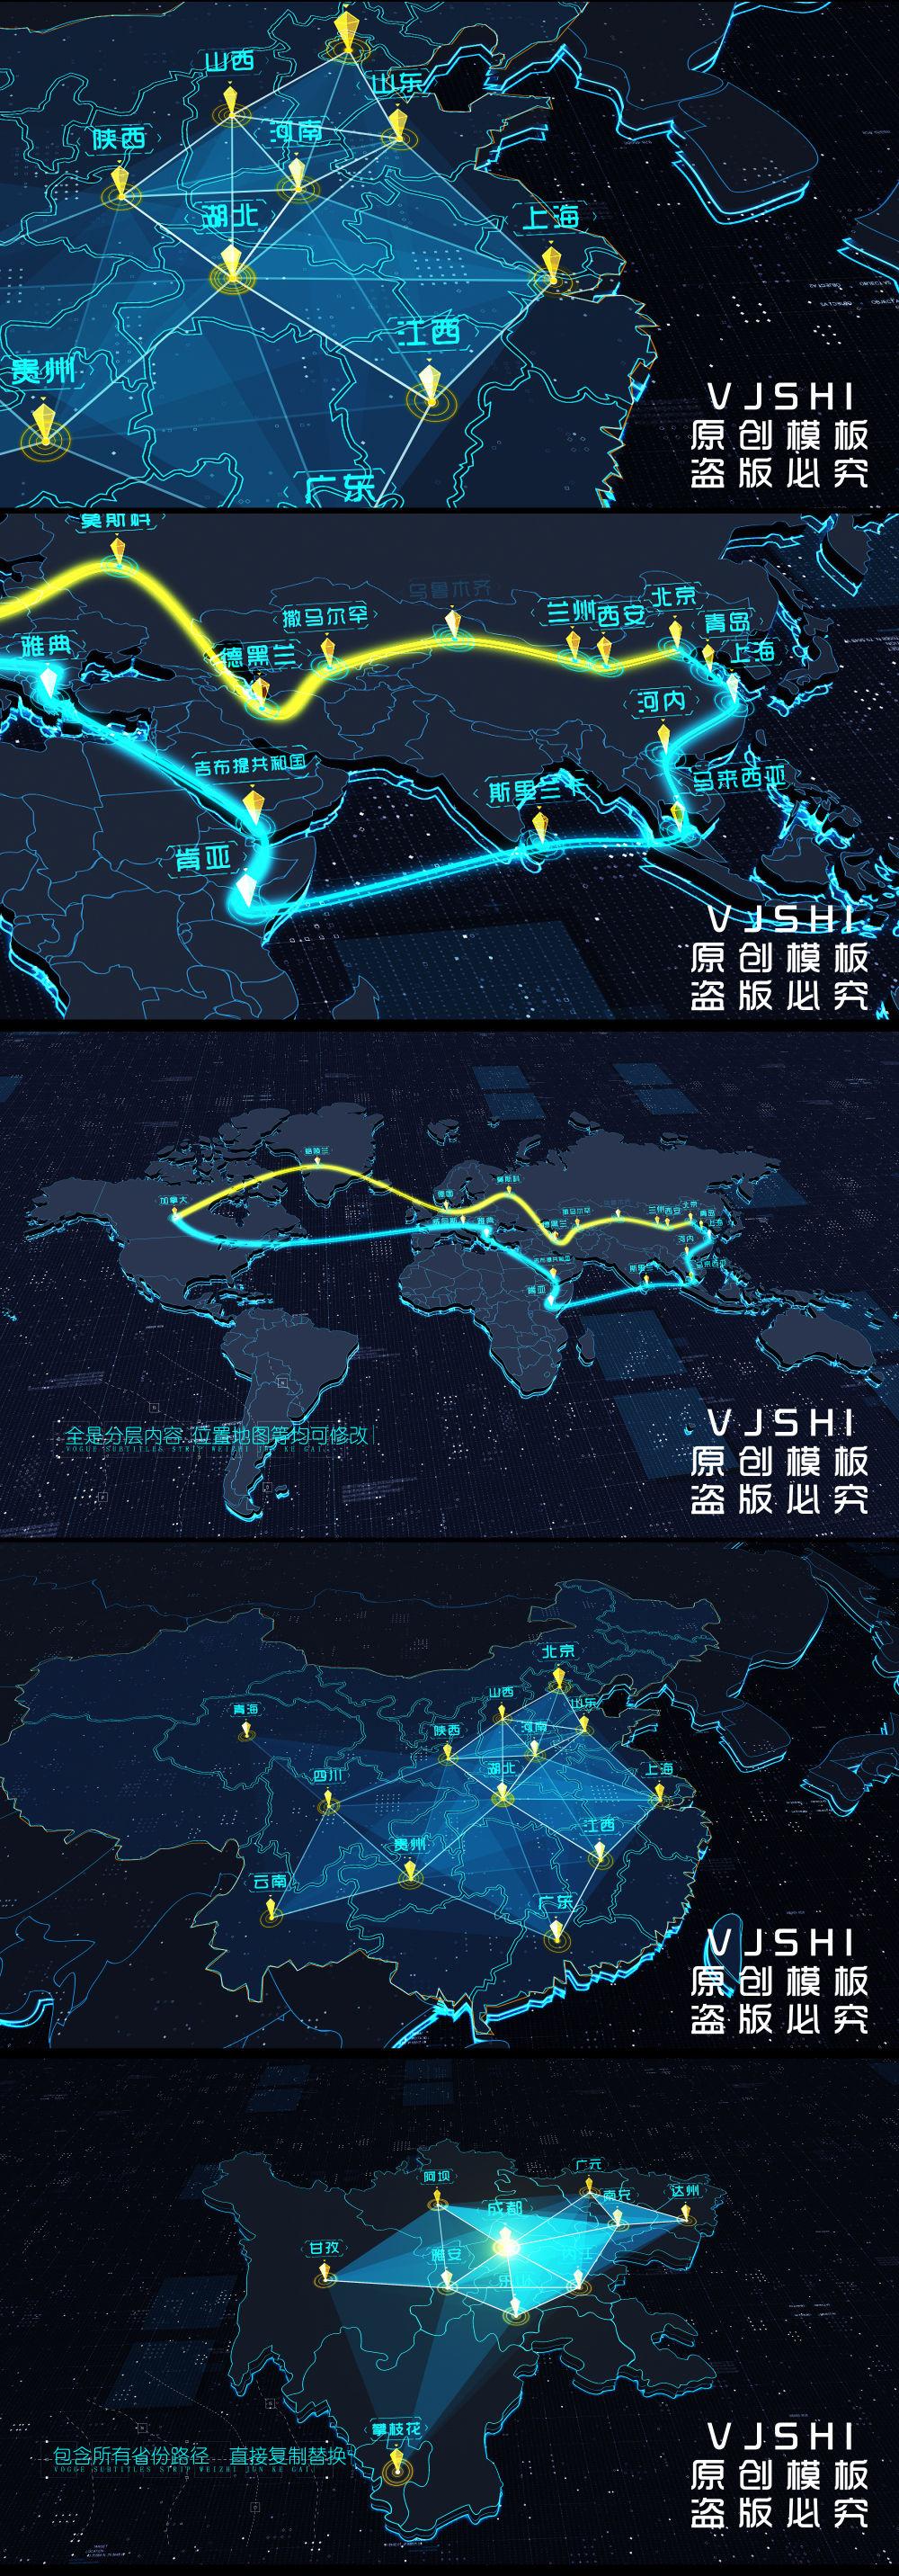 【原创】4K超清科技立体地图AE模板